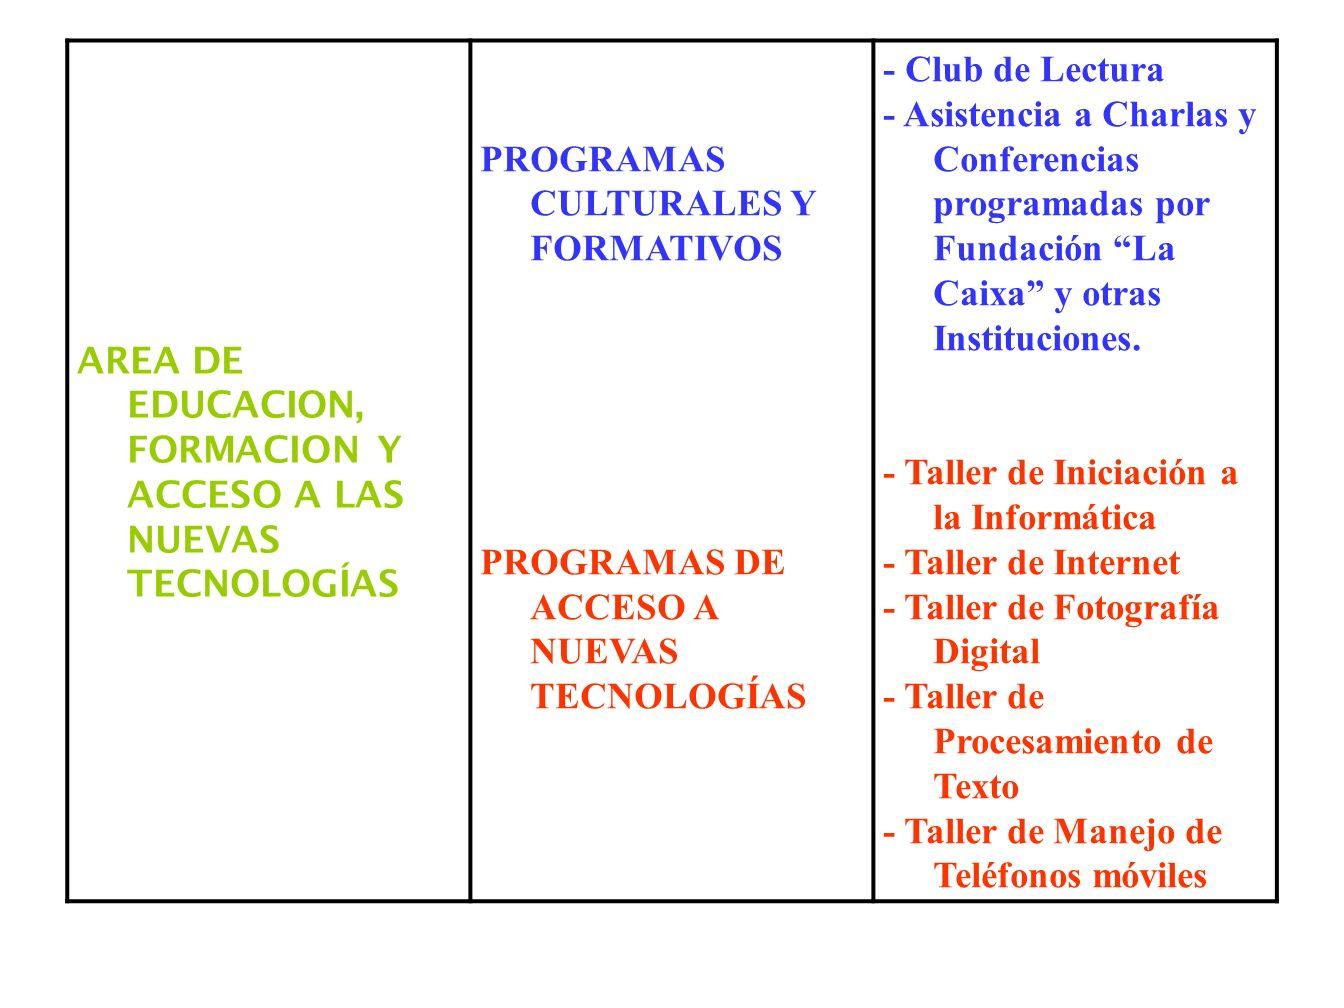 Las ACTIVIDADES que se llevarán a cabo en el 2008, son las siguientes: AREA DE PROMOCION DE LA AUTONOMIA PERSONAL Y EL ENVEJECIMIENTO SALUDABLE MANTENIMIENTO DE LA CAPACIDAD FÍSICA MANTENIMIENTO DE LAS CAPACIDADES PSIQUICAS MANTENIMIENTO DE ACTITUDES QUE CONTRIBUYAN A ENVEJECER DE MANERA SALUDABLE - Taller de Gimnasia - Taller de Tai-Chi - Rutas Senderistas - Taller de Memoria - Taller de Autoestima - Taller de Pensamiento Positivo - Taller de Control Emocional - Taller de Dietética y Nutrición